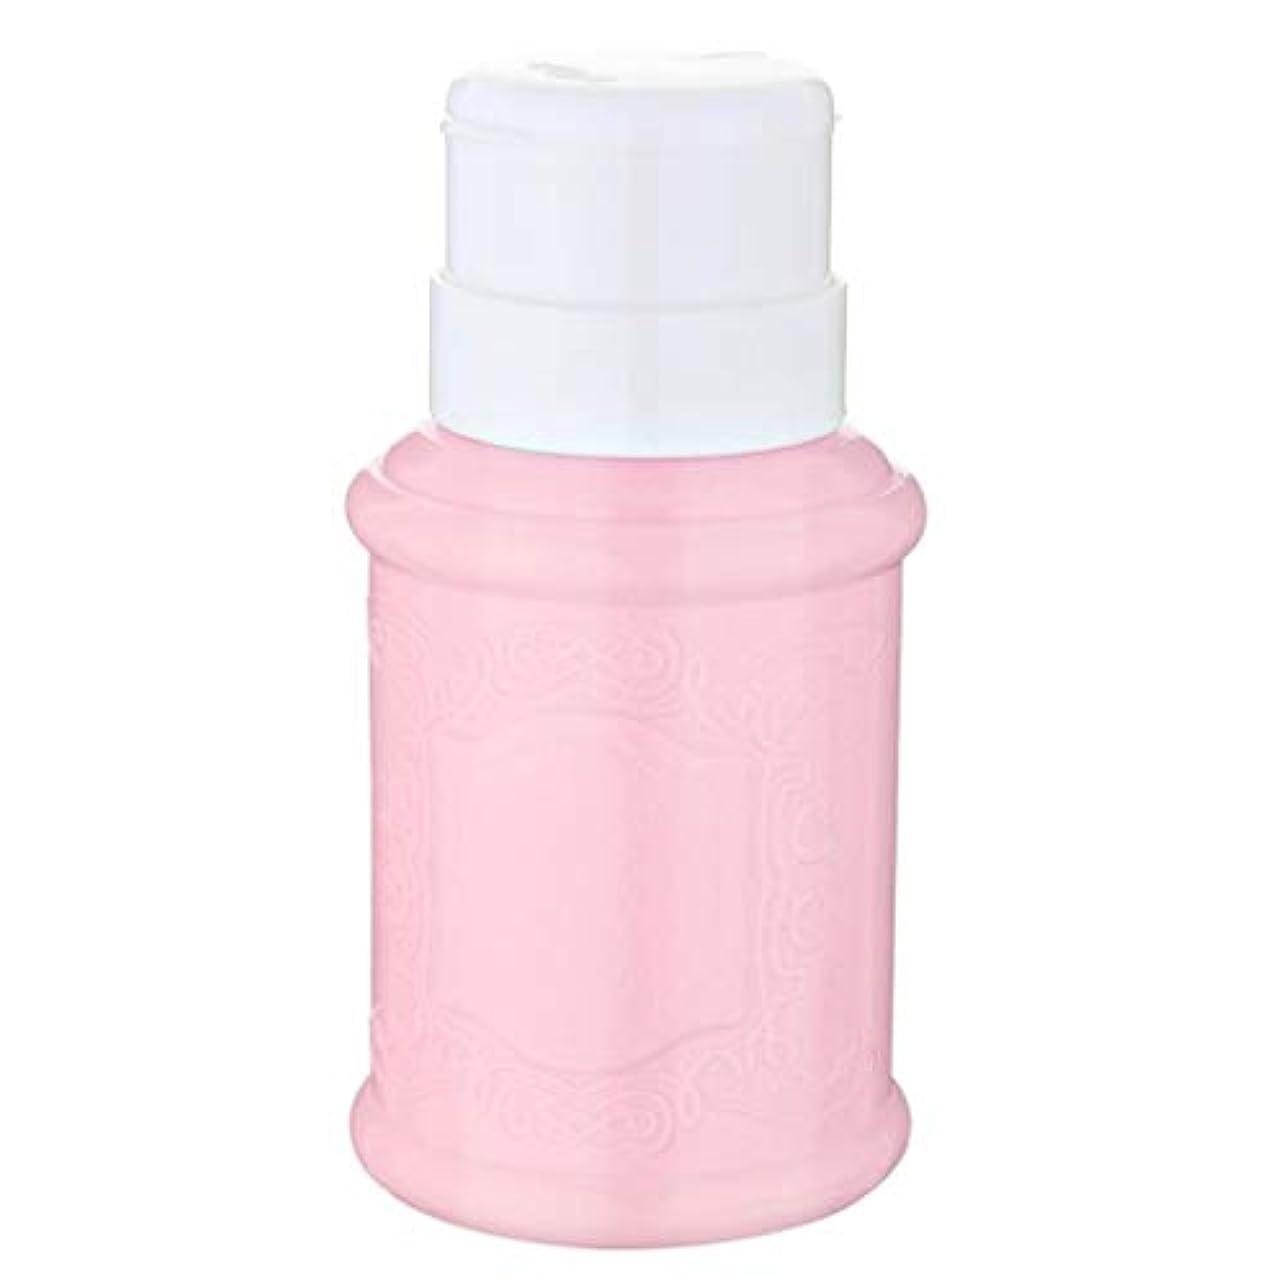 失う騒来てT TOOYFUL 空ポンプ ボトル ネイルクリーナーボトル ポンプディスペンサー ネイル ポンプディスペンサー 全3色 - ピンク